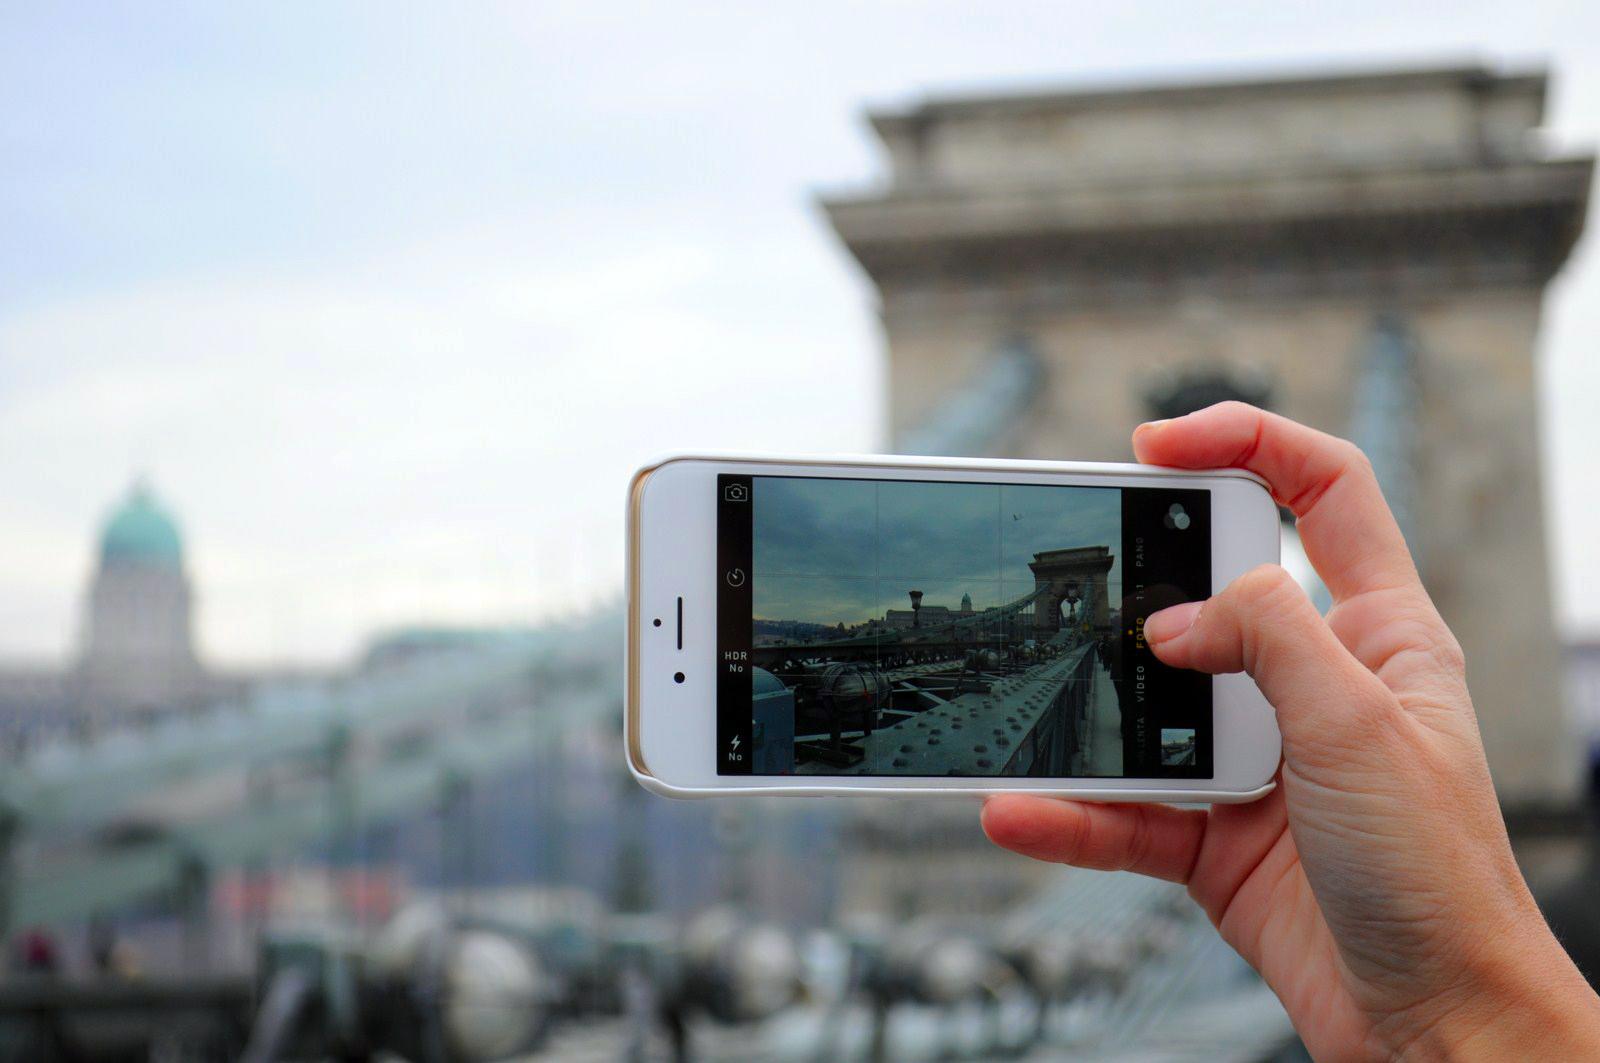 Qué ver en Budapest en un fin de semana: Puente de las Cadenas en Budapest budapest en un fin de semana - 21411349072 f662ee4995 o - Qué ver en Budapest en un fin de semana